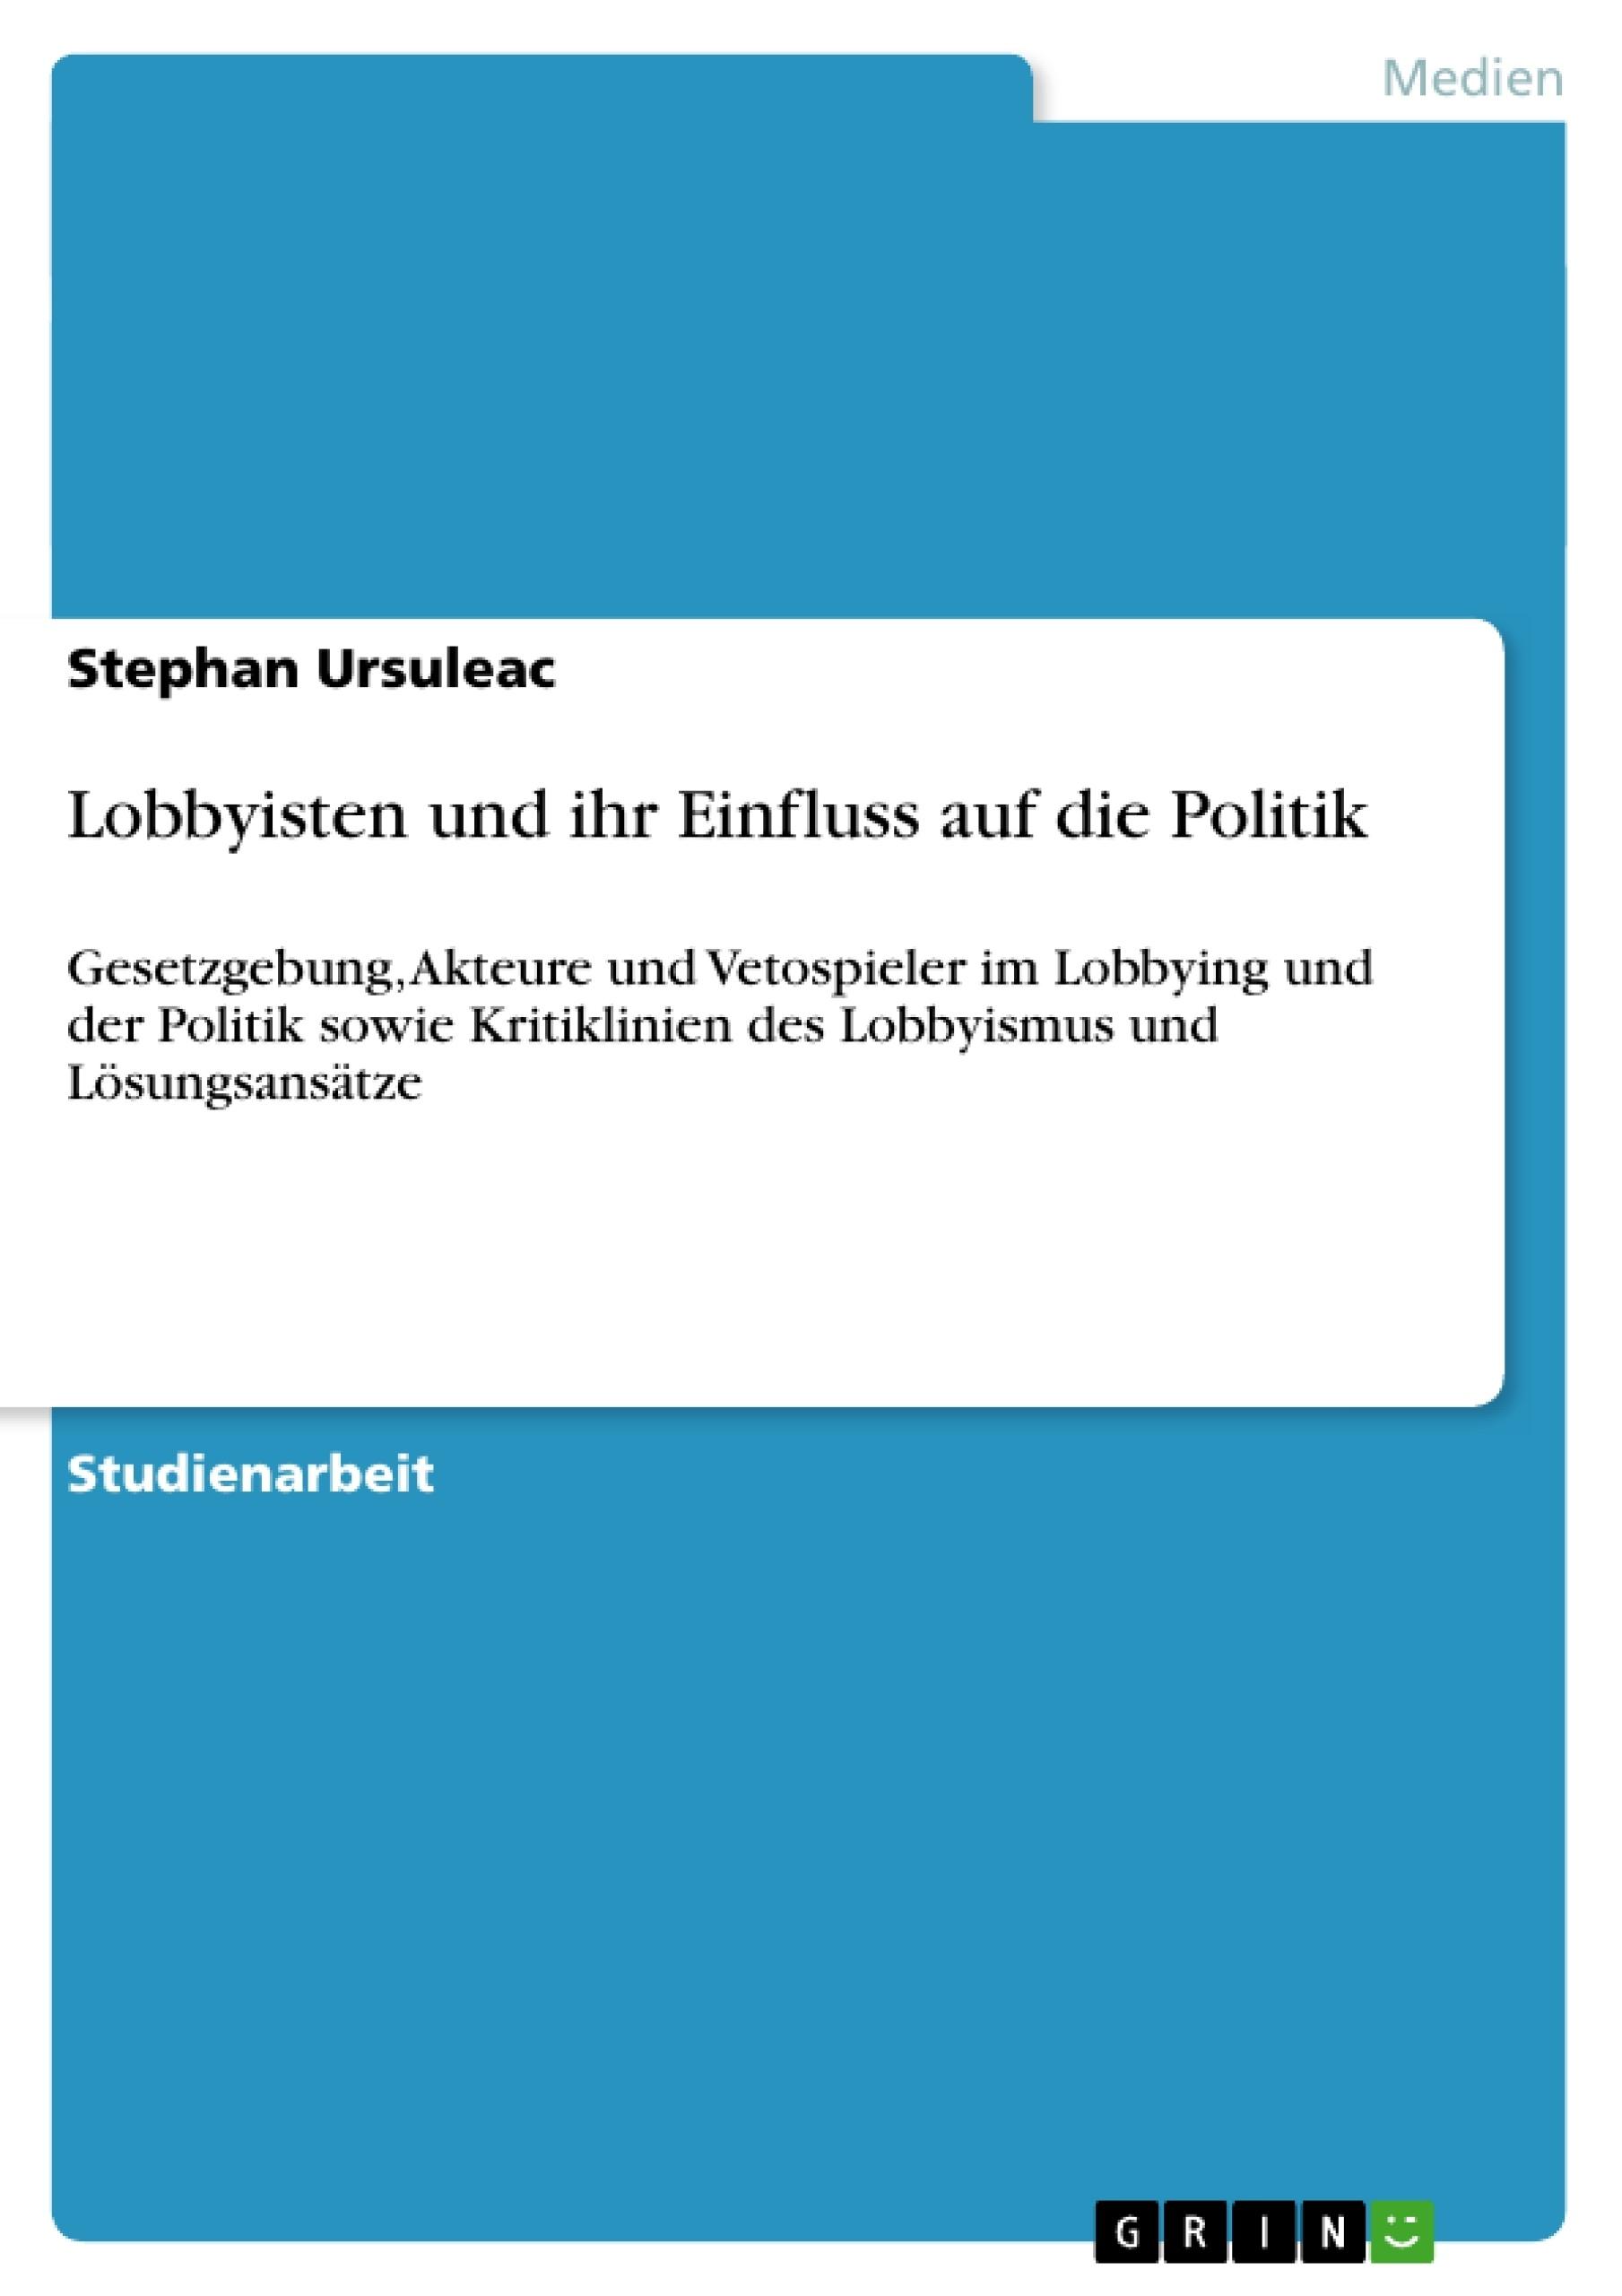 Titel: Lobbyisten und ihr Einfluss auf die Politik